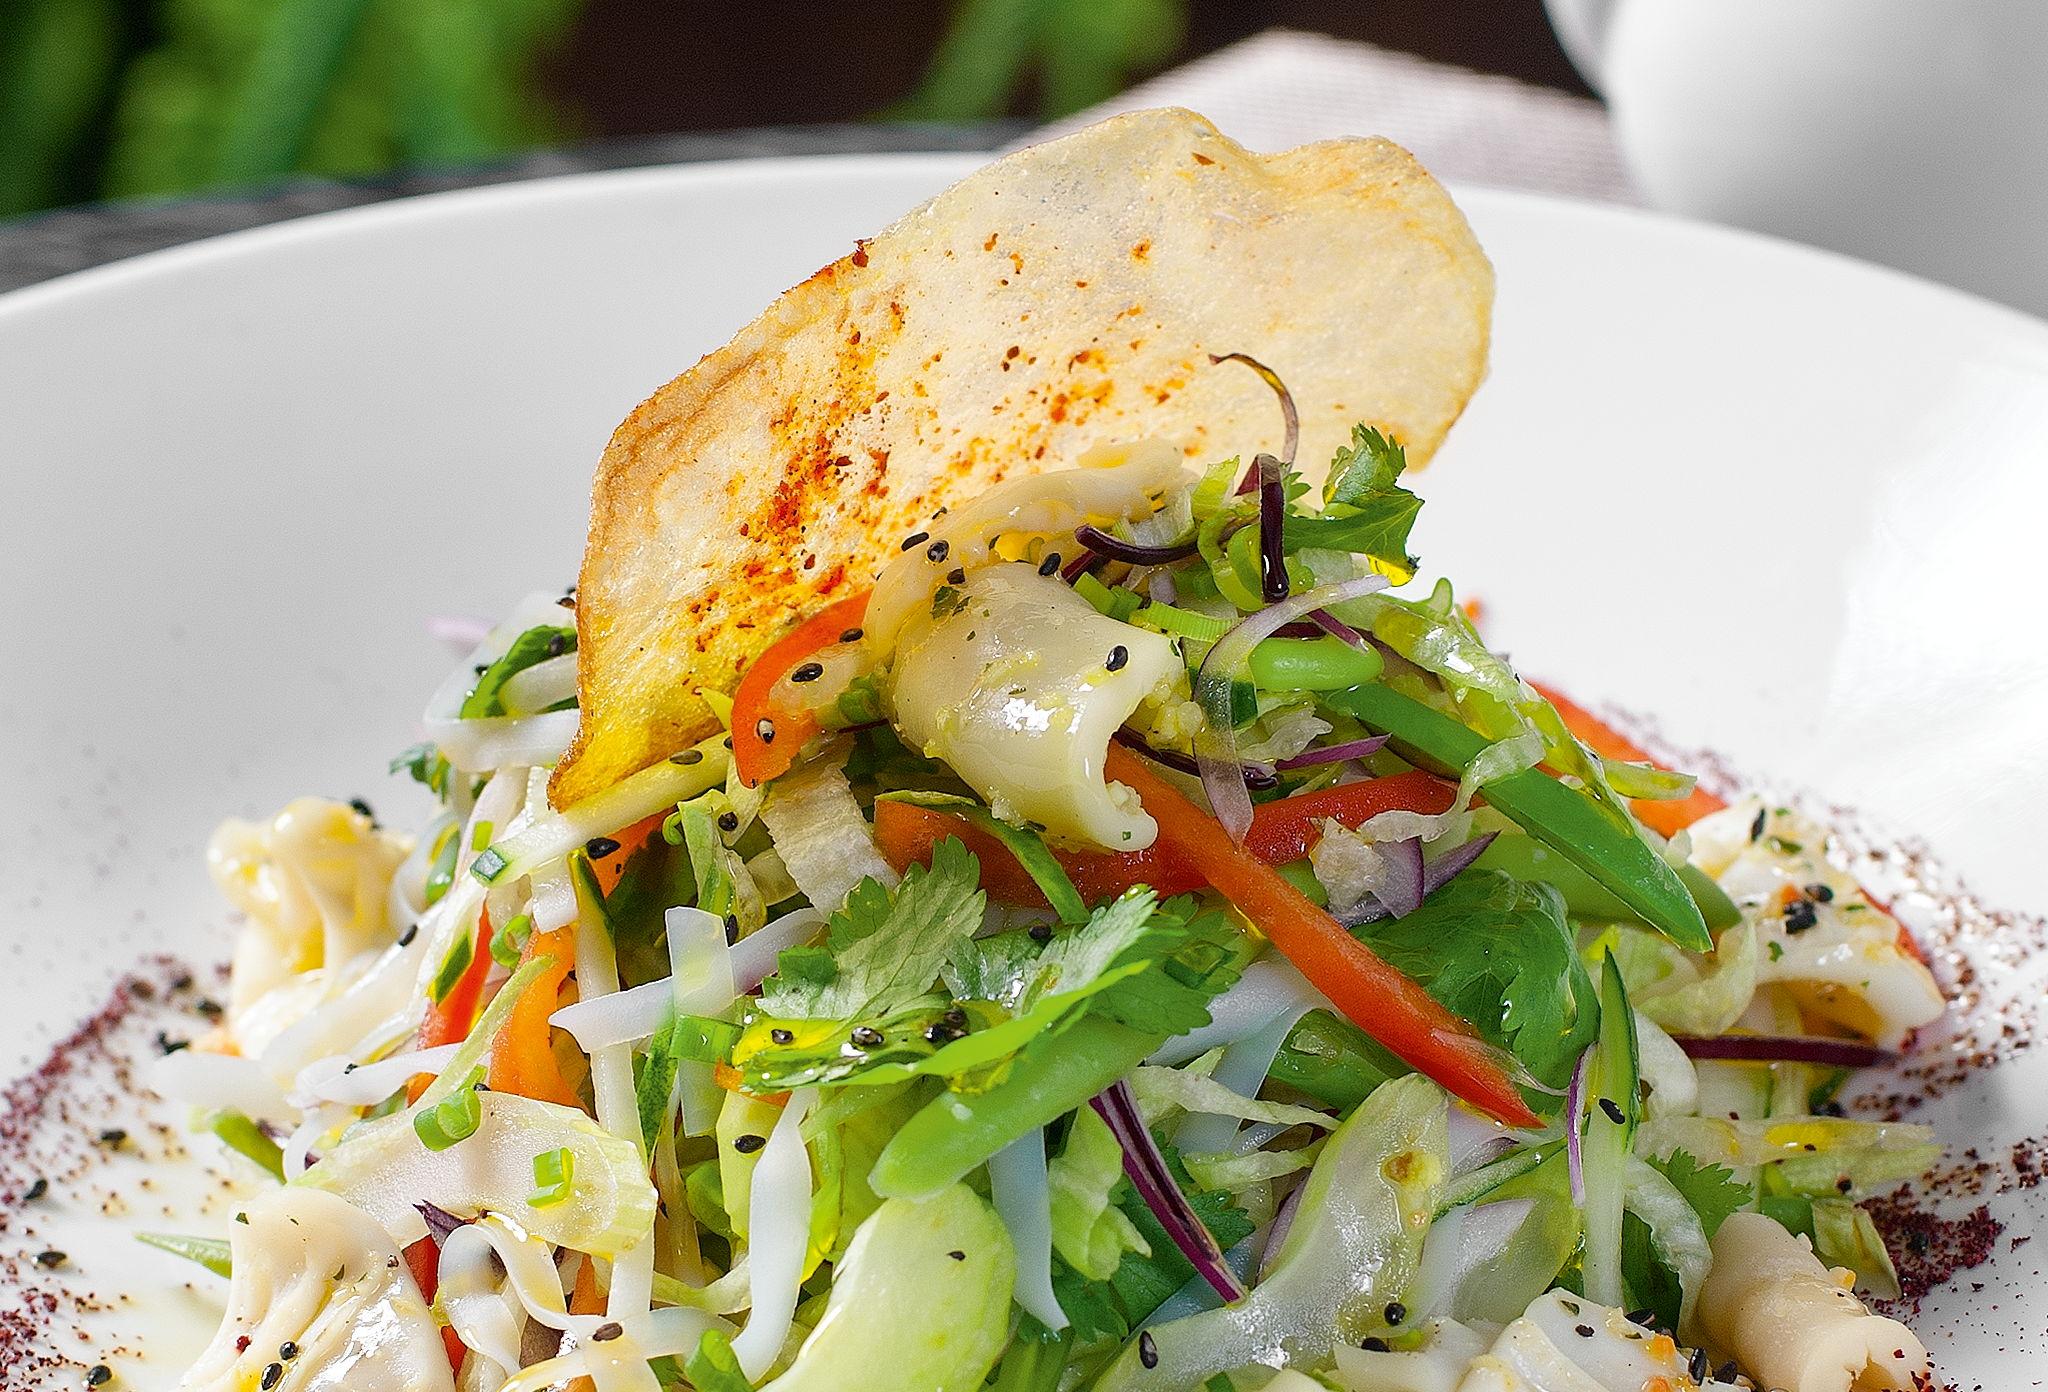 Салат изрисовой лапши скреветками икальмарами